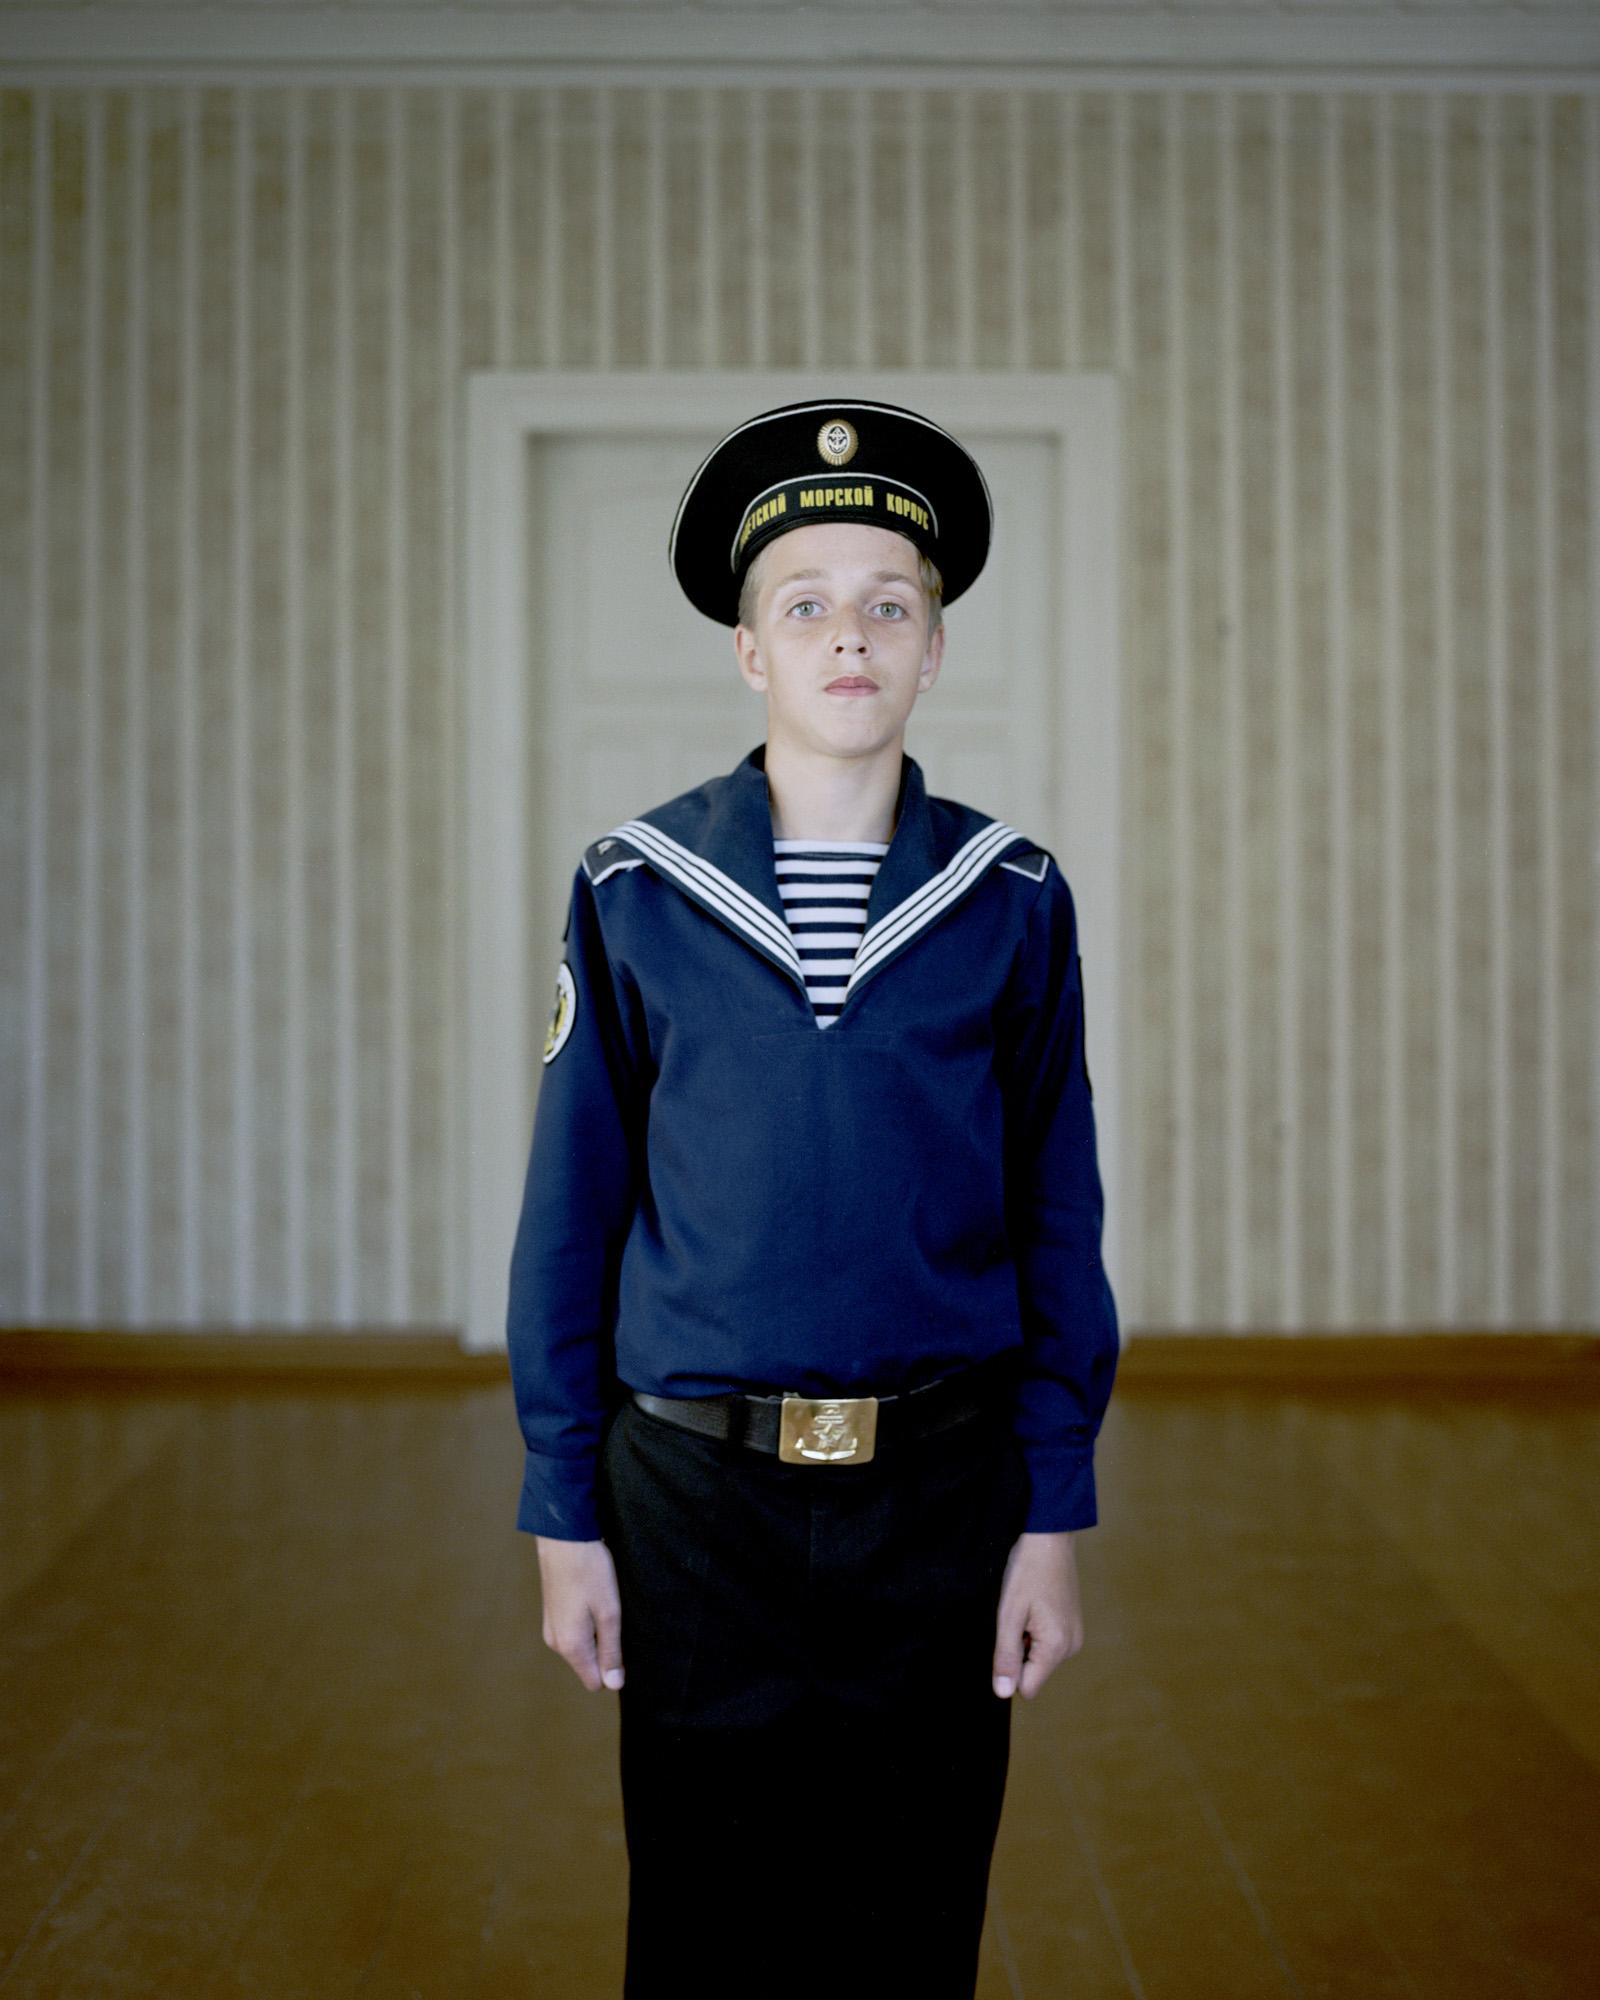 Navy cadet Dmitrij Gamzov Aleksandrovic 12, Kaliningrad